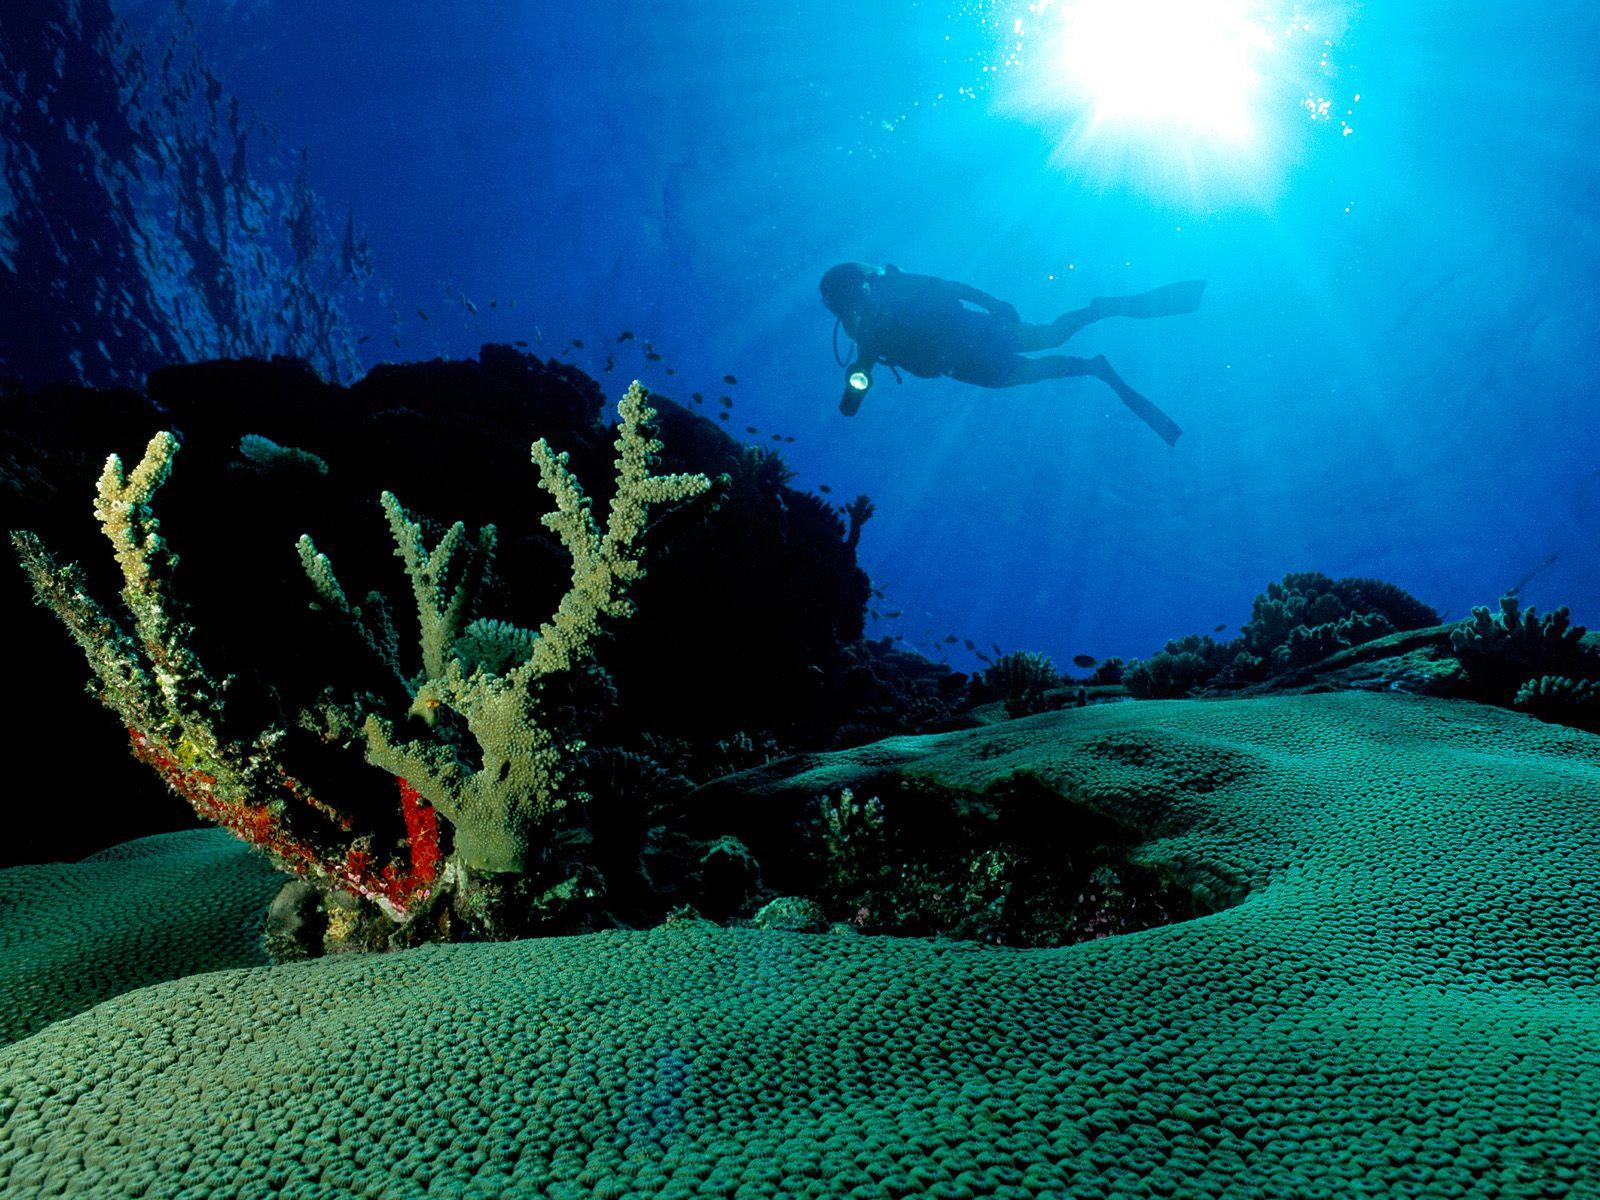 http://2.bp.blogspot.com/-8W4c3Z1GRX0/T7PLShZgeeI/AAAAAAAAA_w/z0gD_YcDymo/s1600/Underwater+HD+Wallpaper.jpg